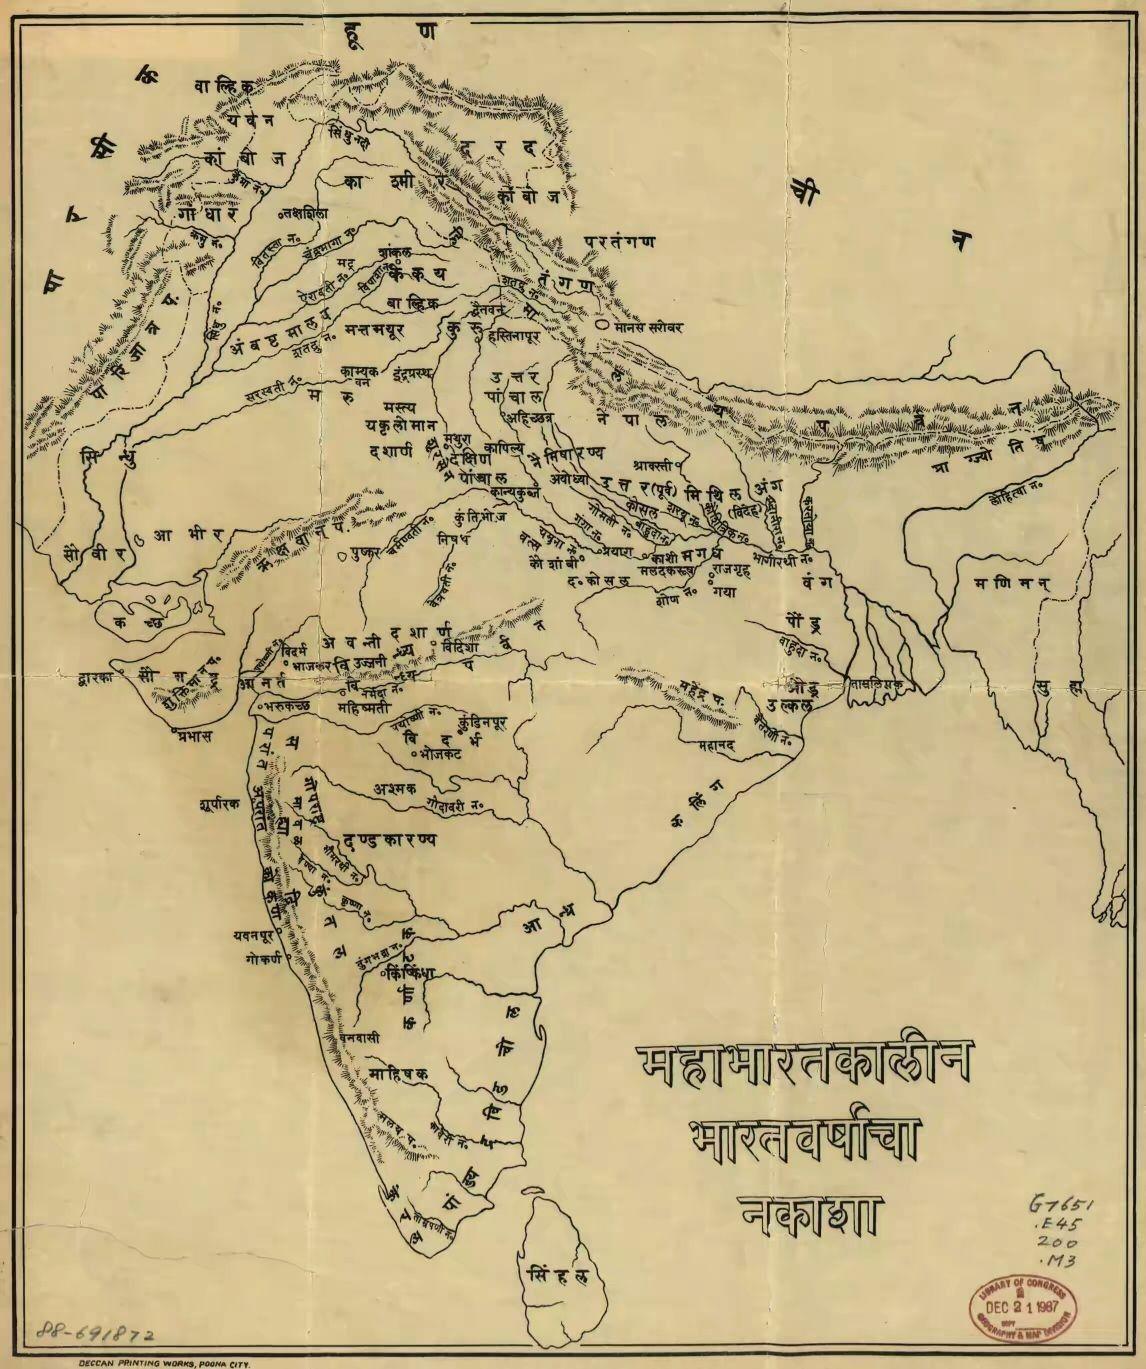 Mahabharata Period Map Of Ancient India In Devnagri Script Old